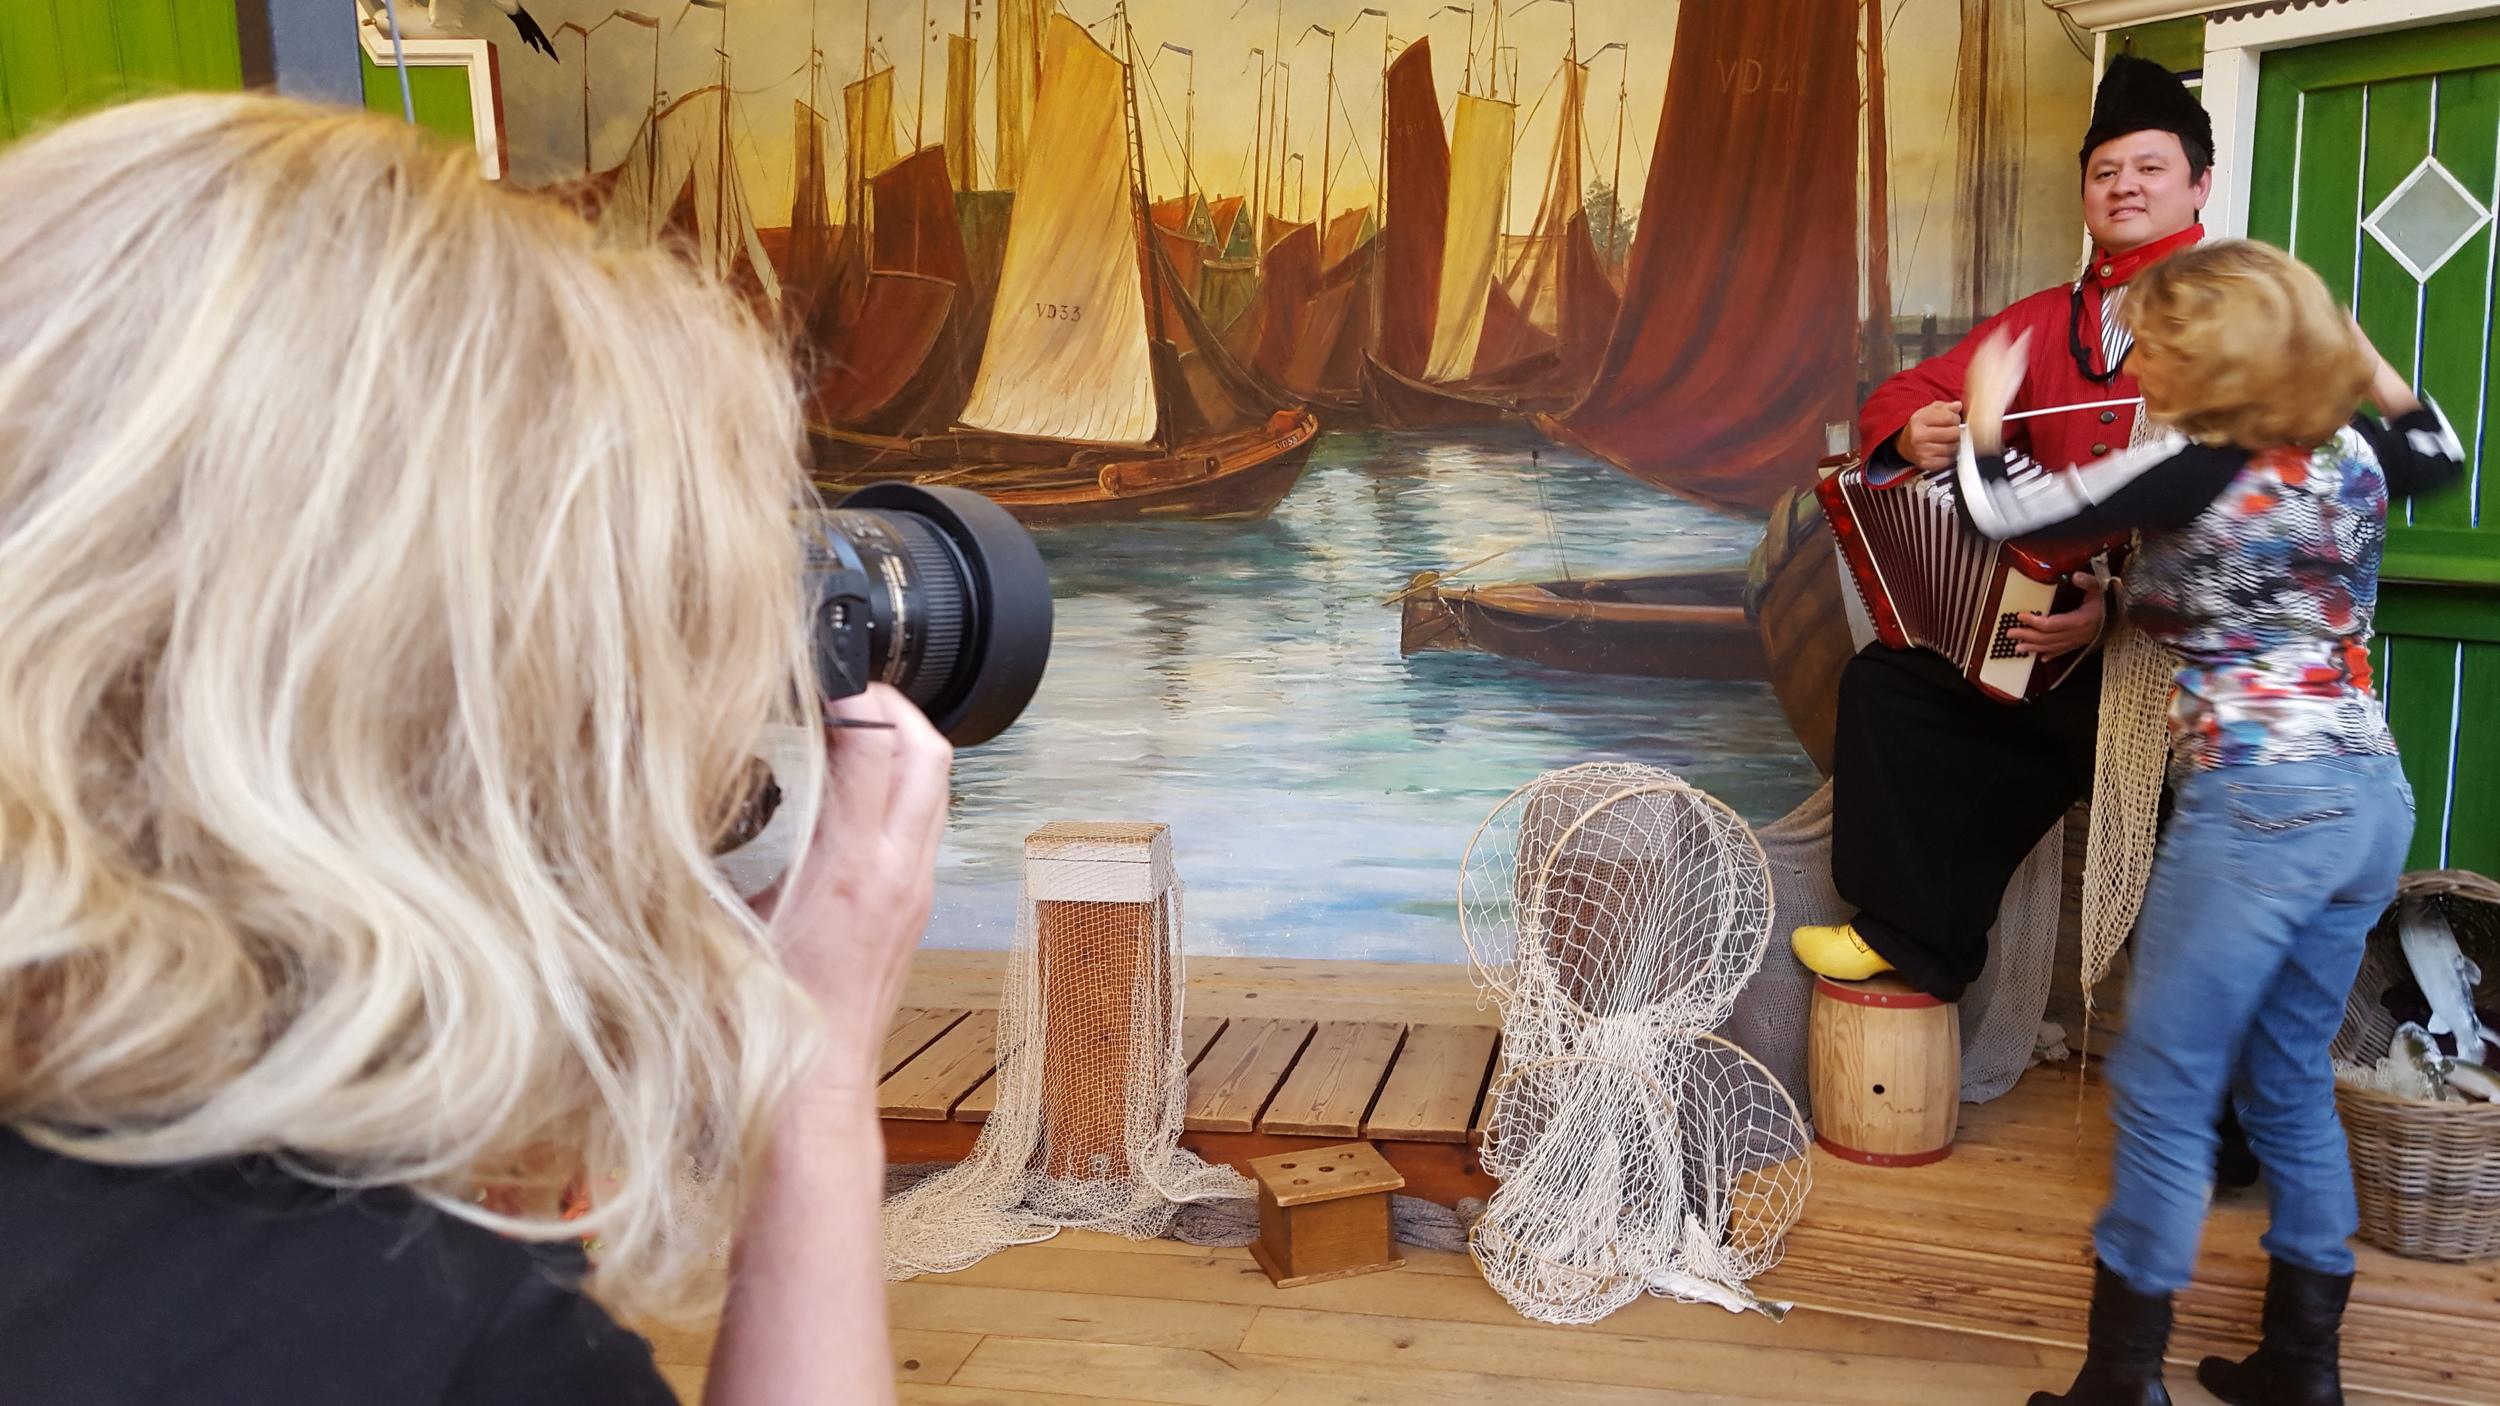 Fotografe maakt foto in klederdracht Volendam